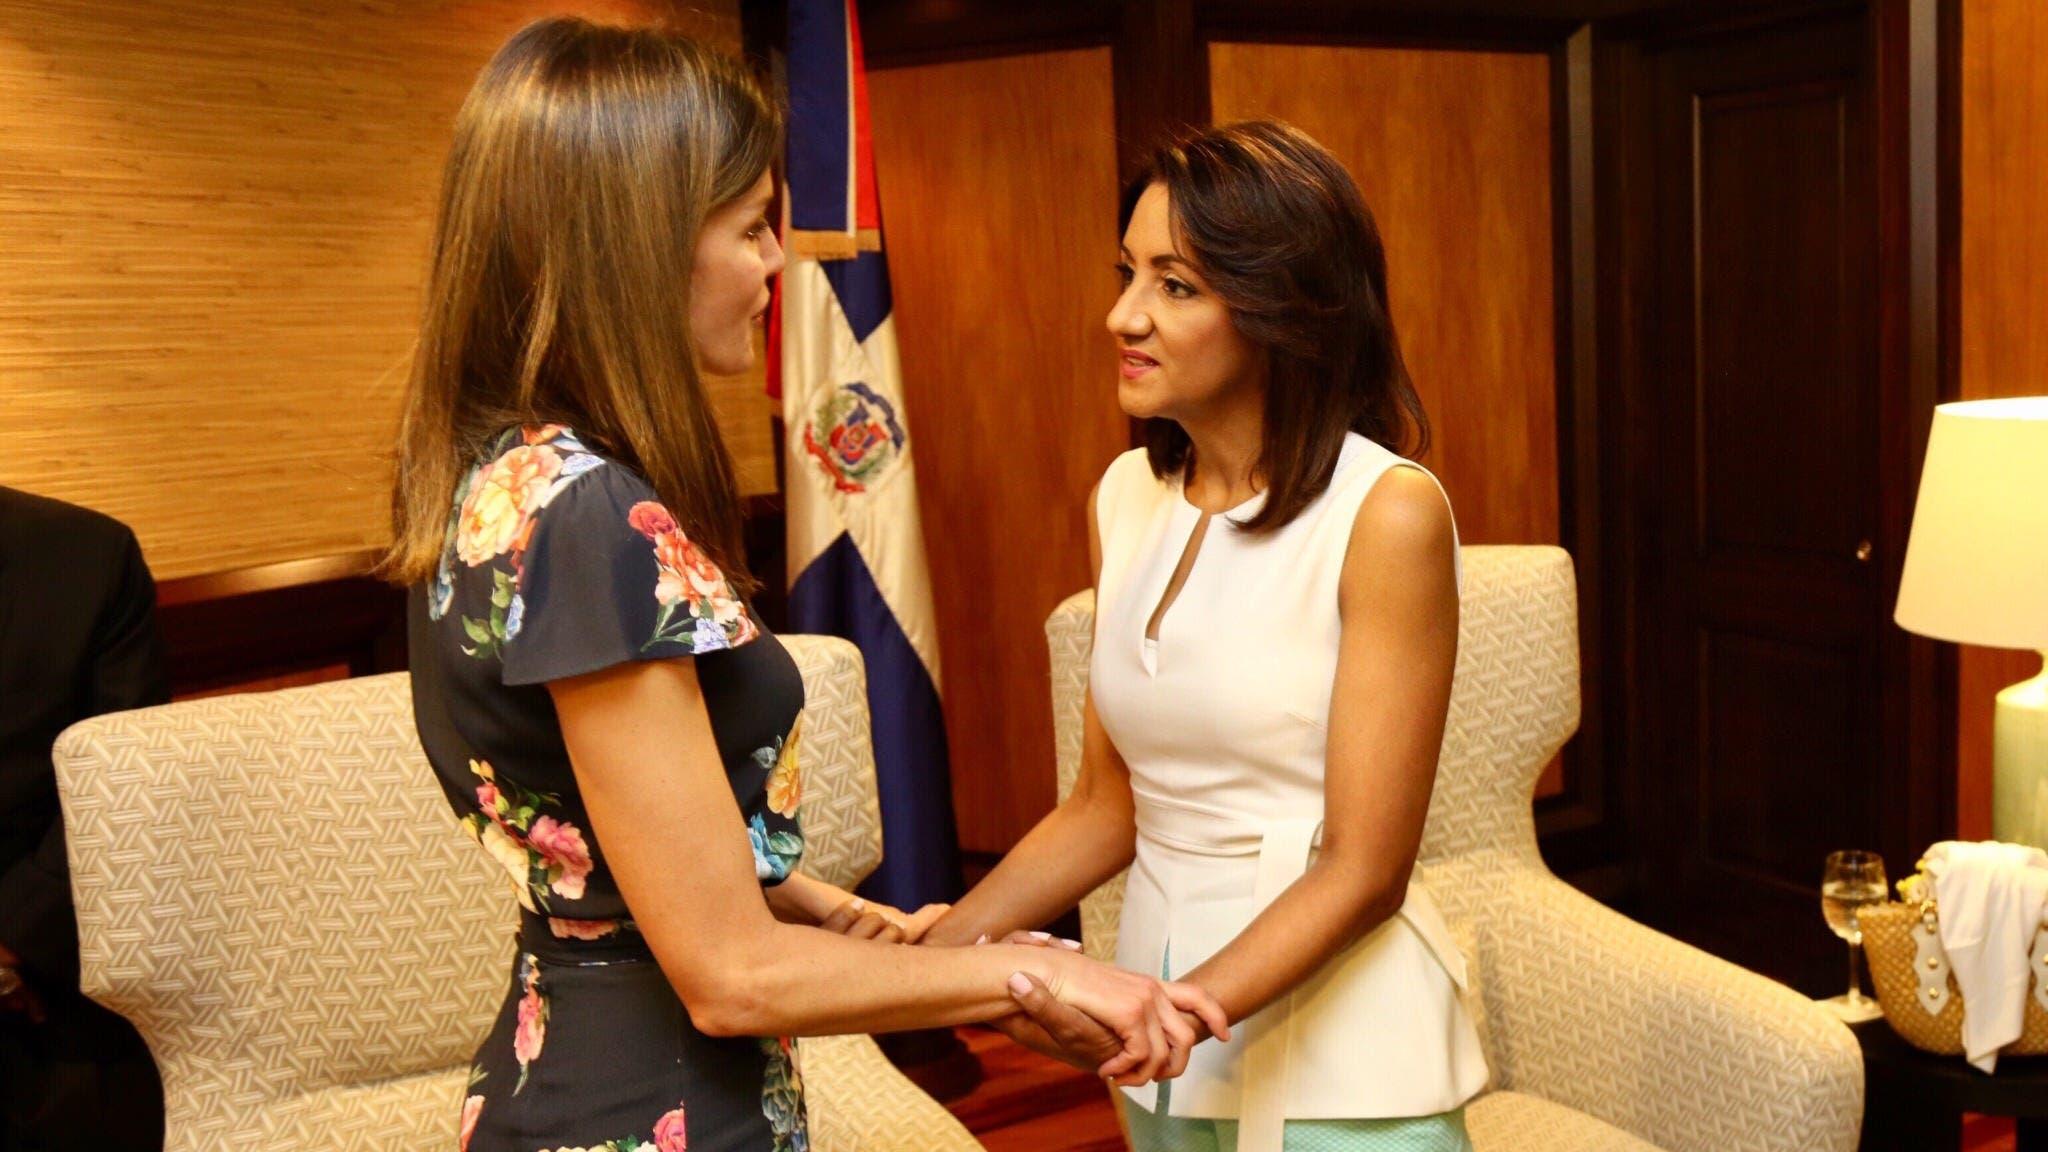 Primera dama Cándida Montilla despide en aeropuerto a la reina Letizia